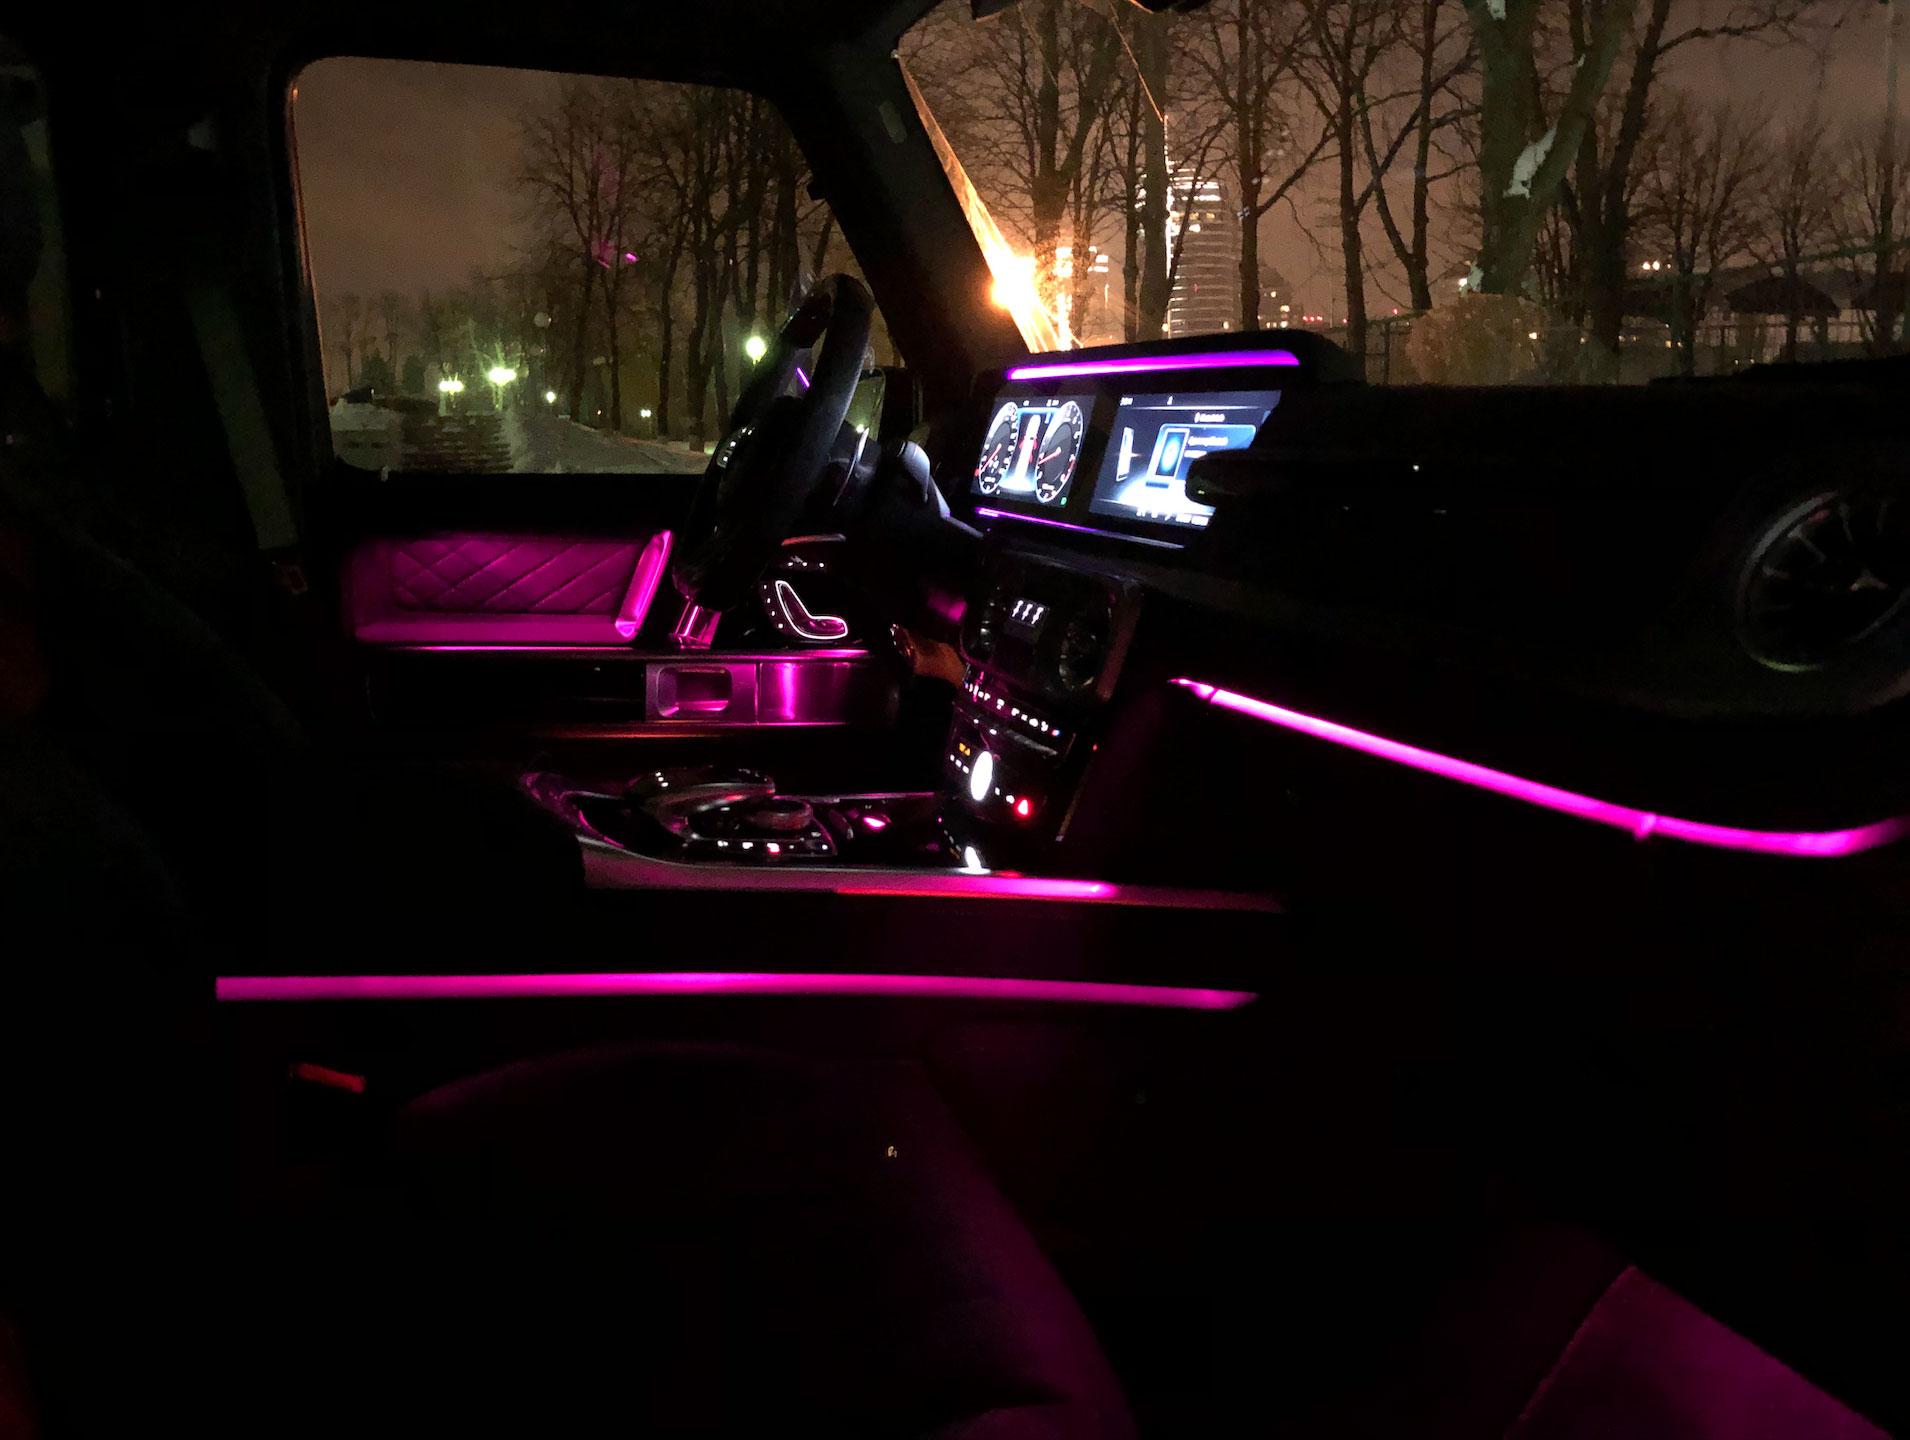 Новый Mercedes–AMG G 63: уникальная фоновая подсветка салона из 64 цветов